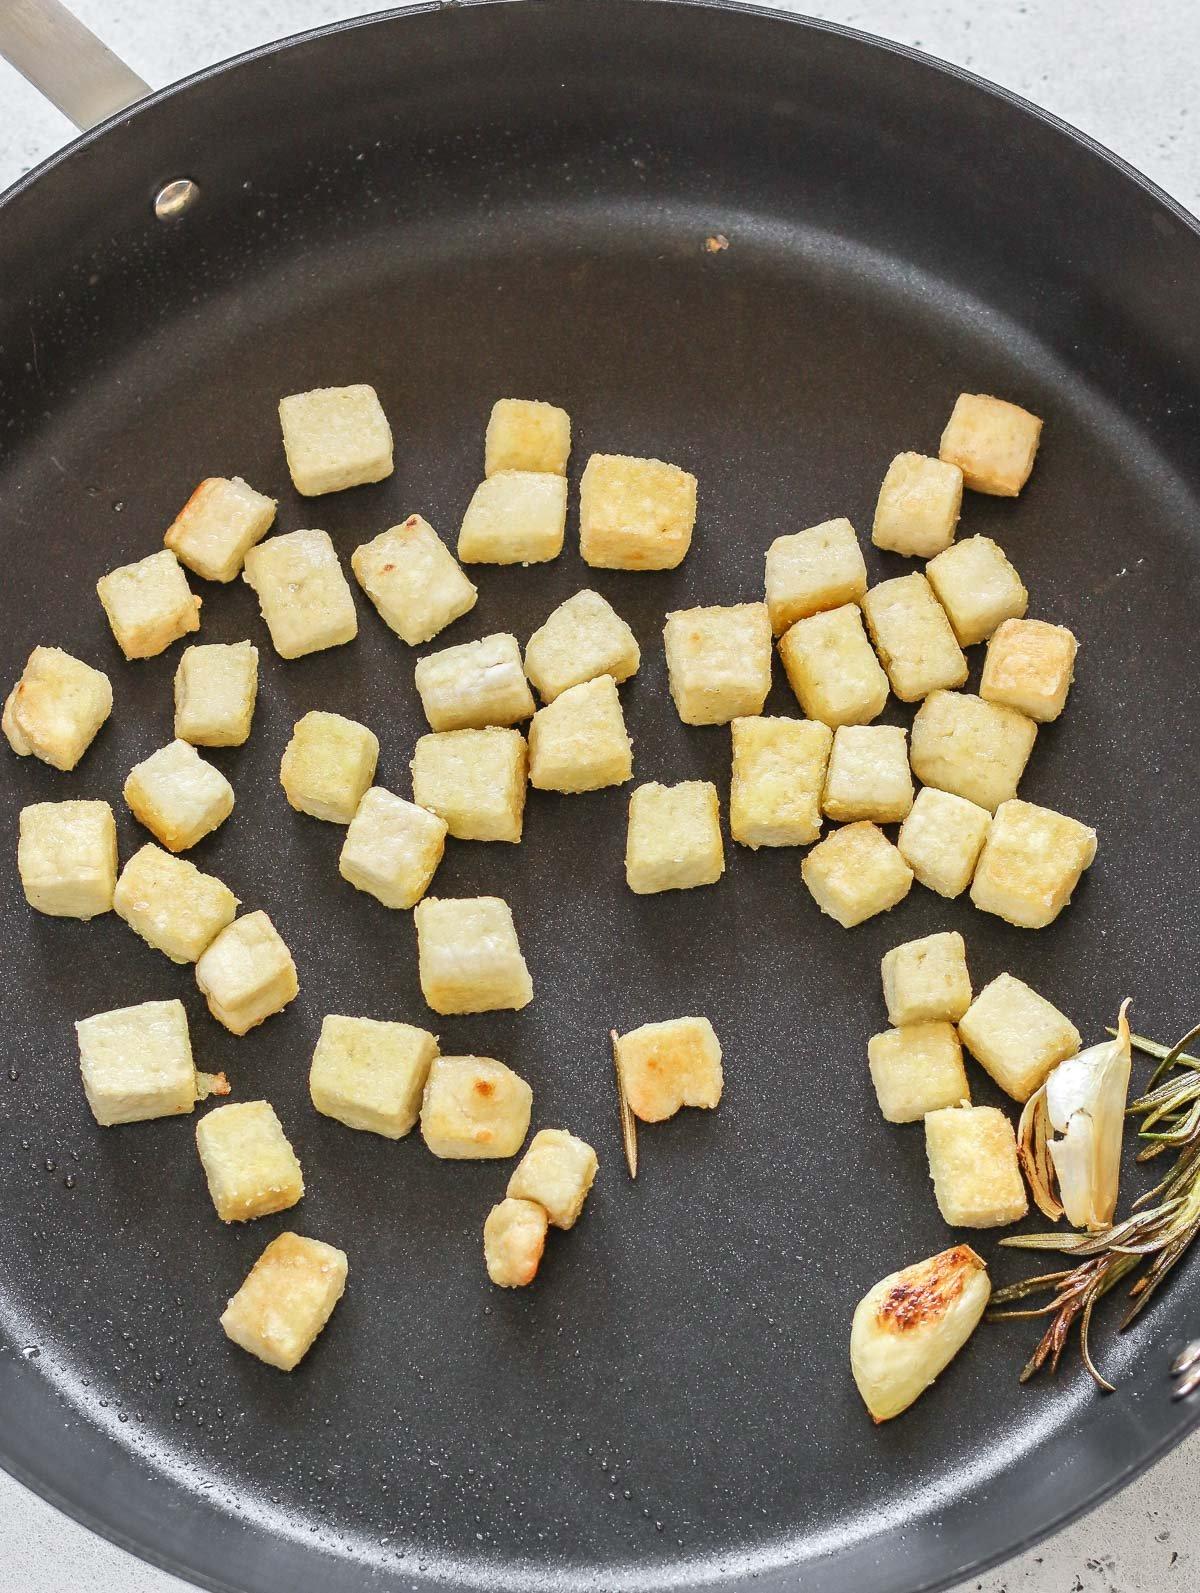 dadini di tofu croccanti e dorati